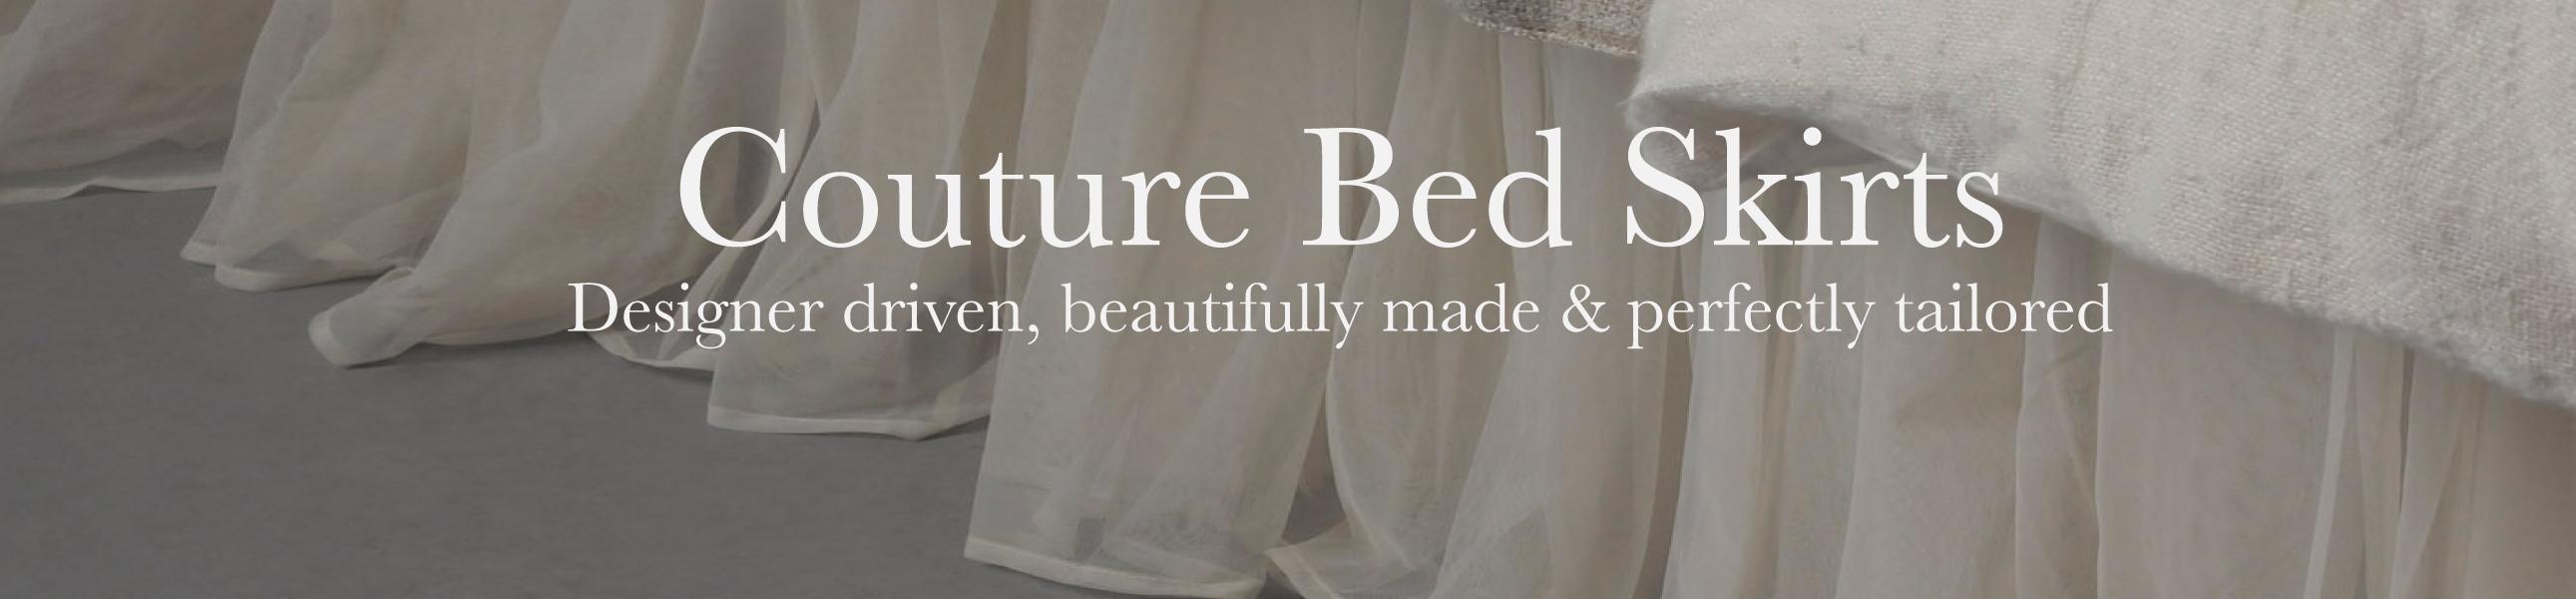 cd-bed-skirts.jpg